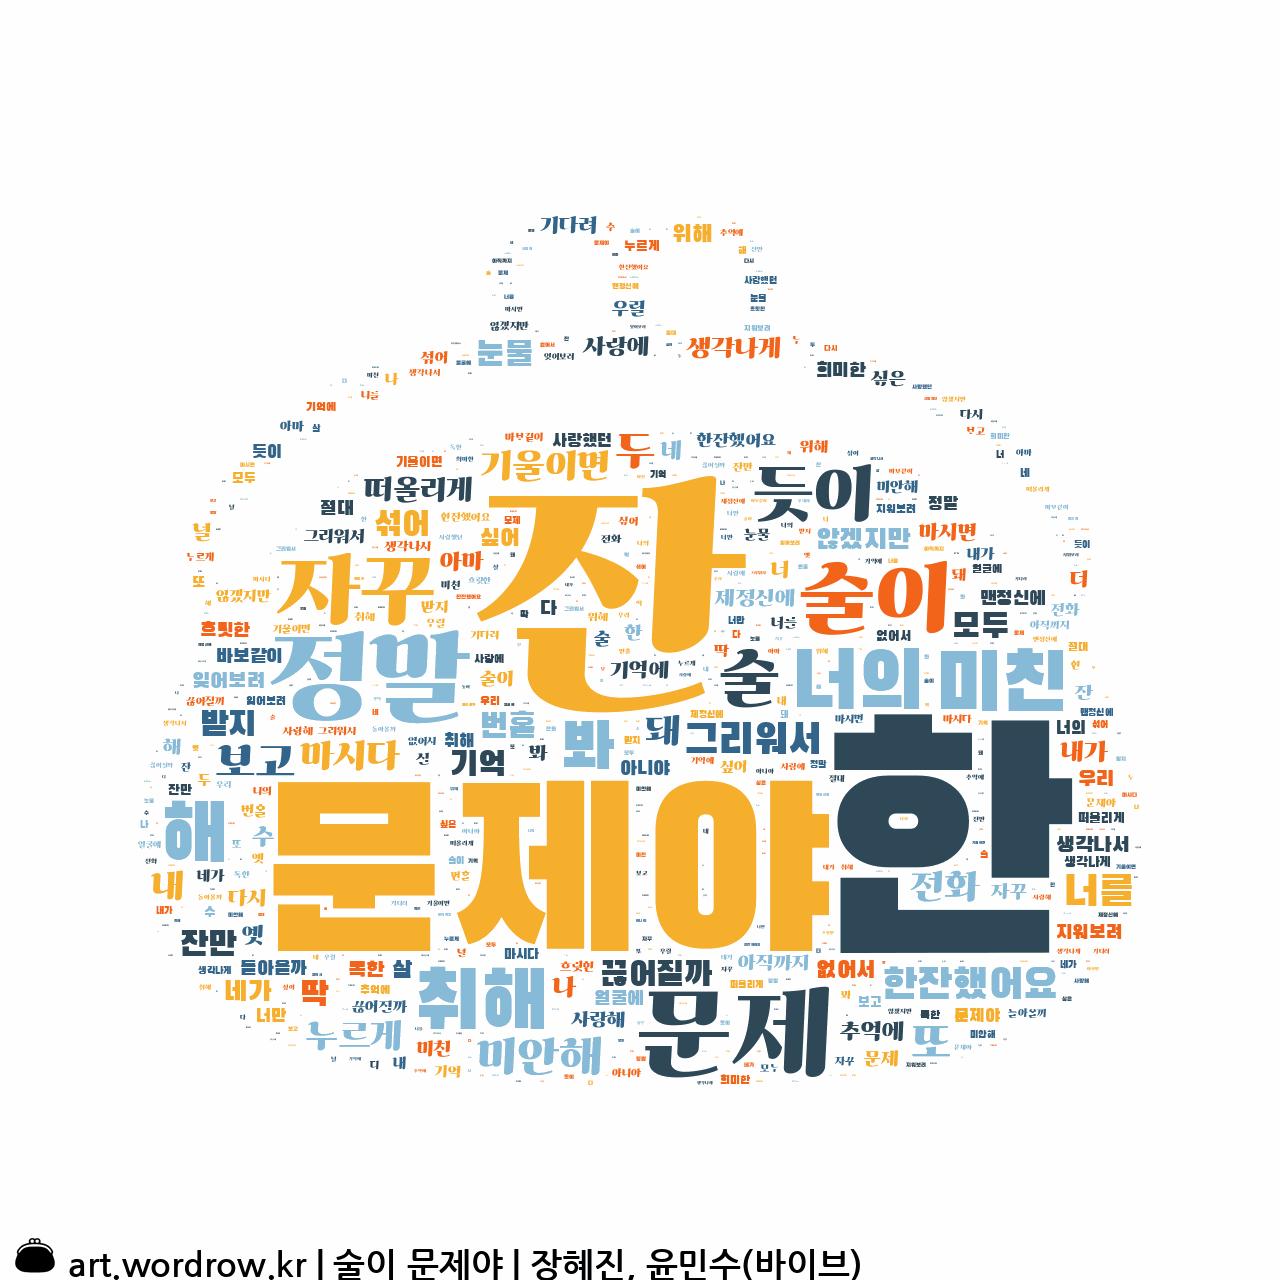 워드 아트: 술이 문제야 [장혜진, 윤민수(바이브)]-45